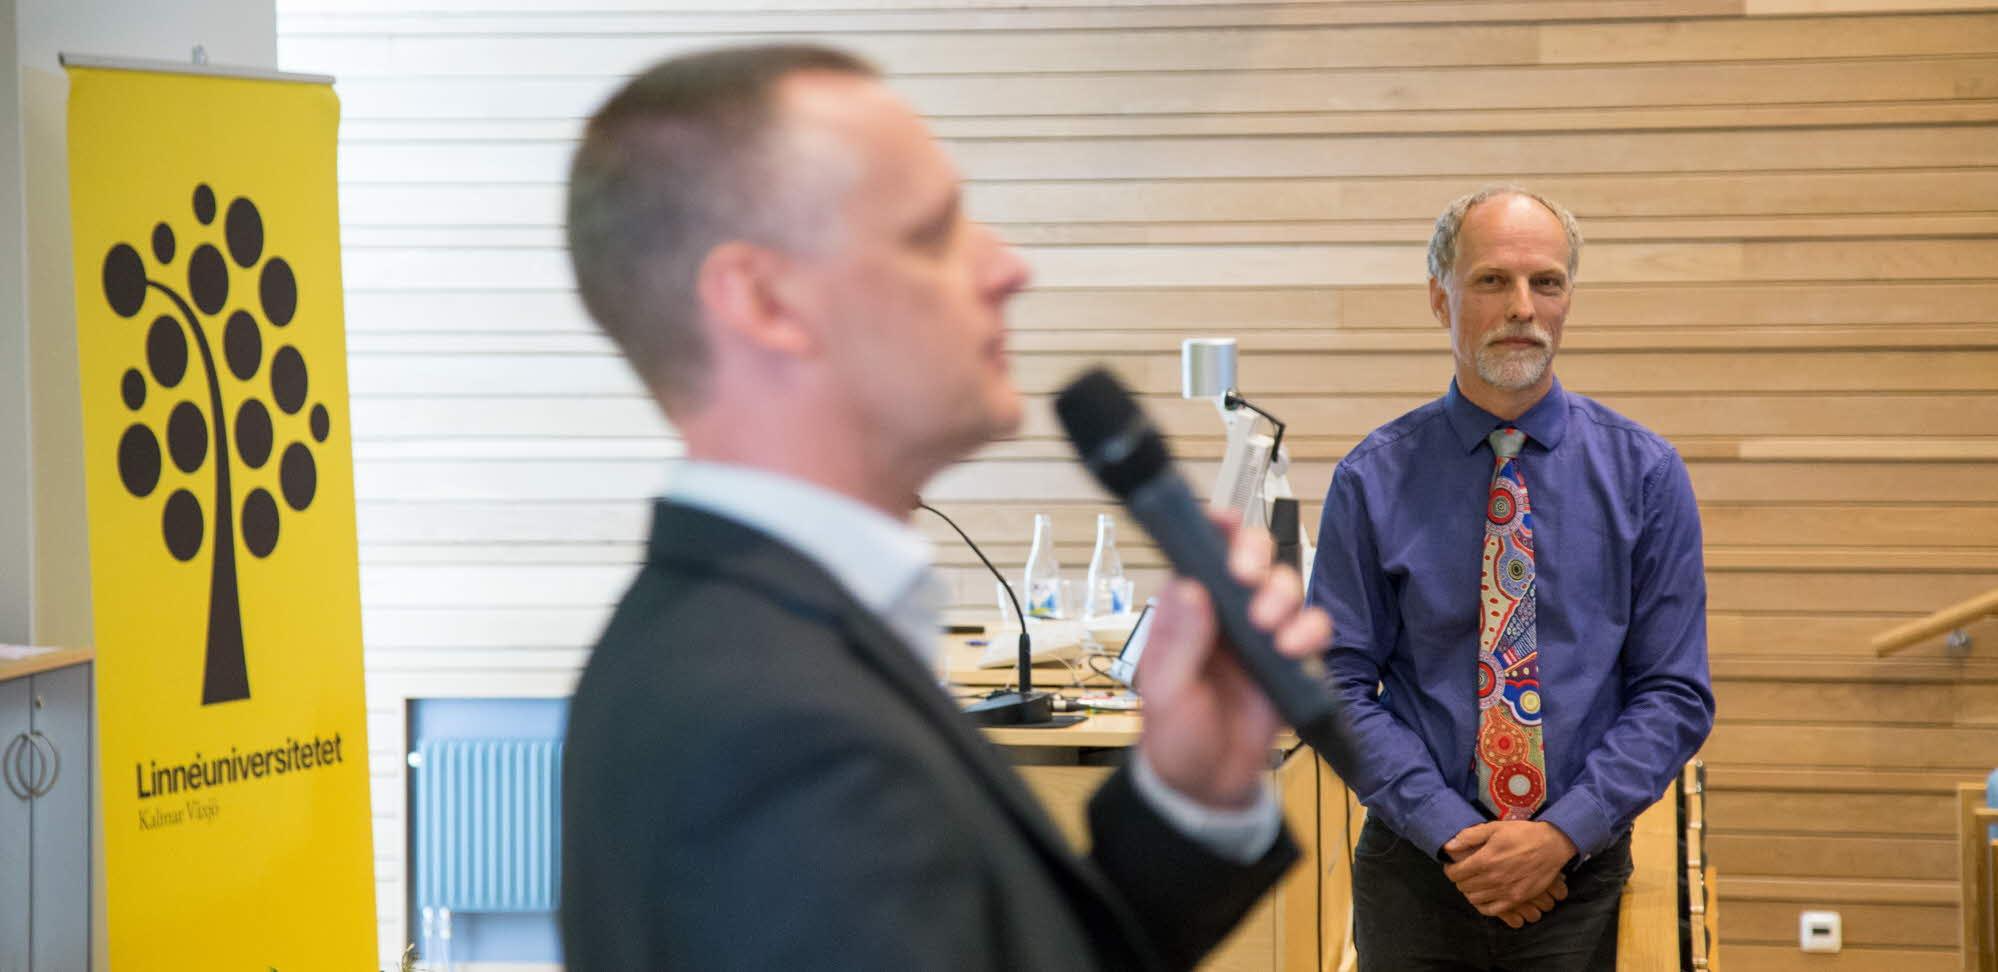 Niklas Ammert welcomes Cornelius Holtorf in 2018